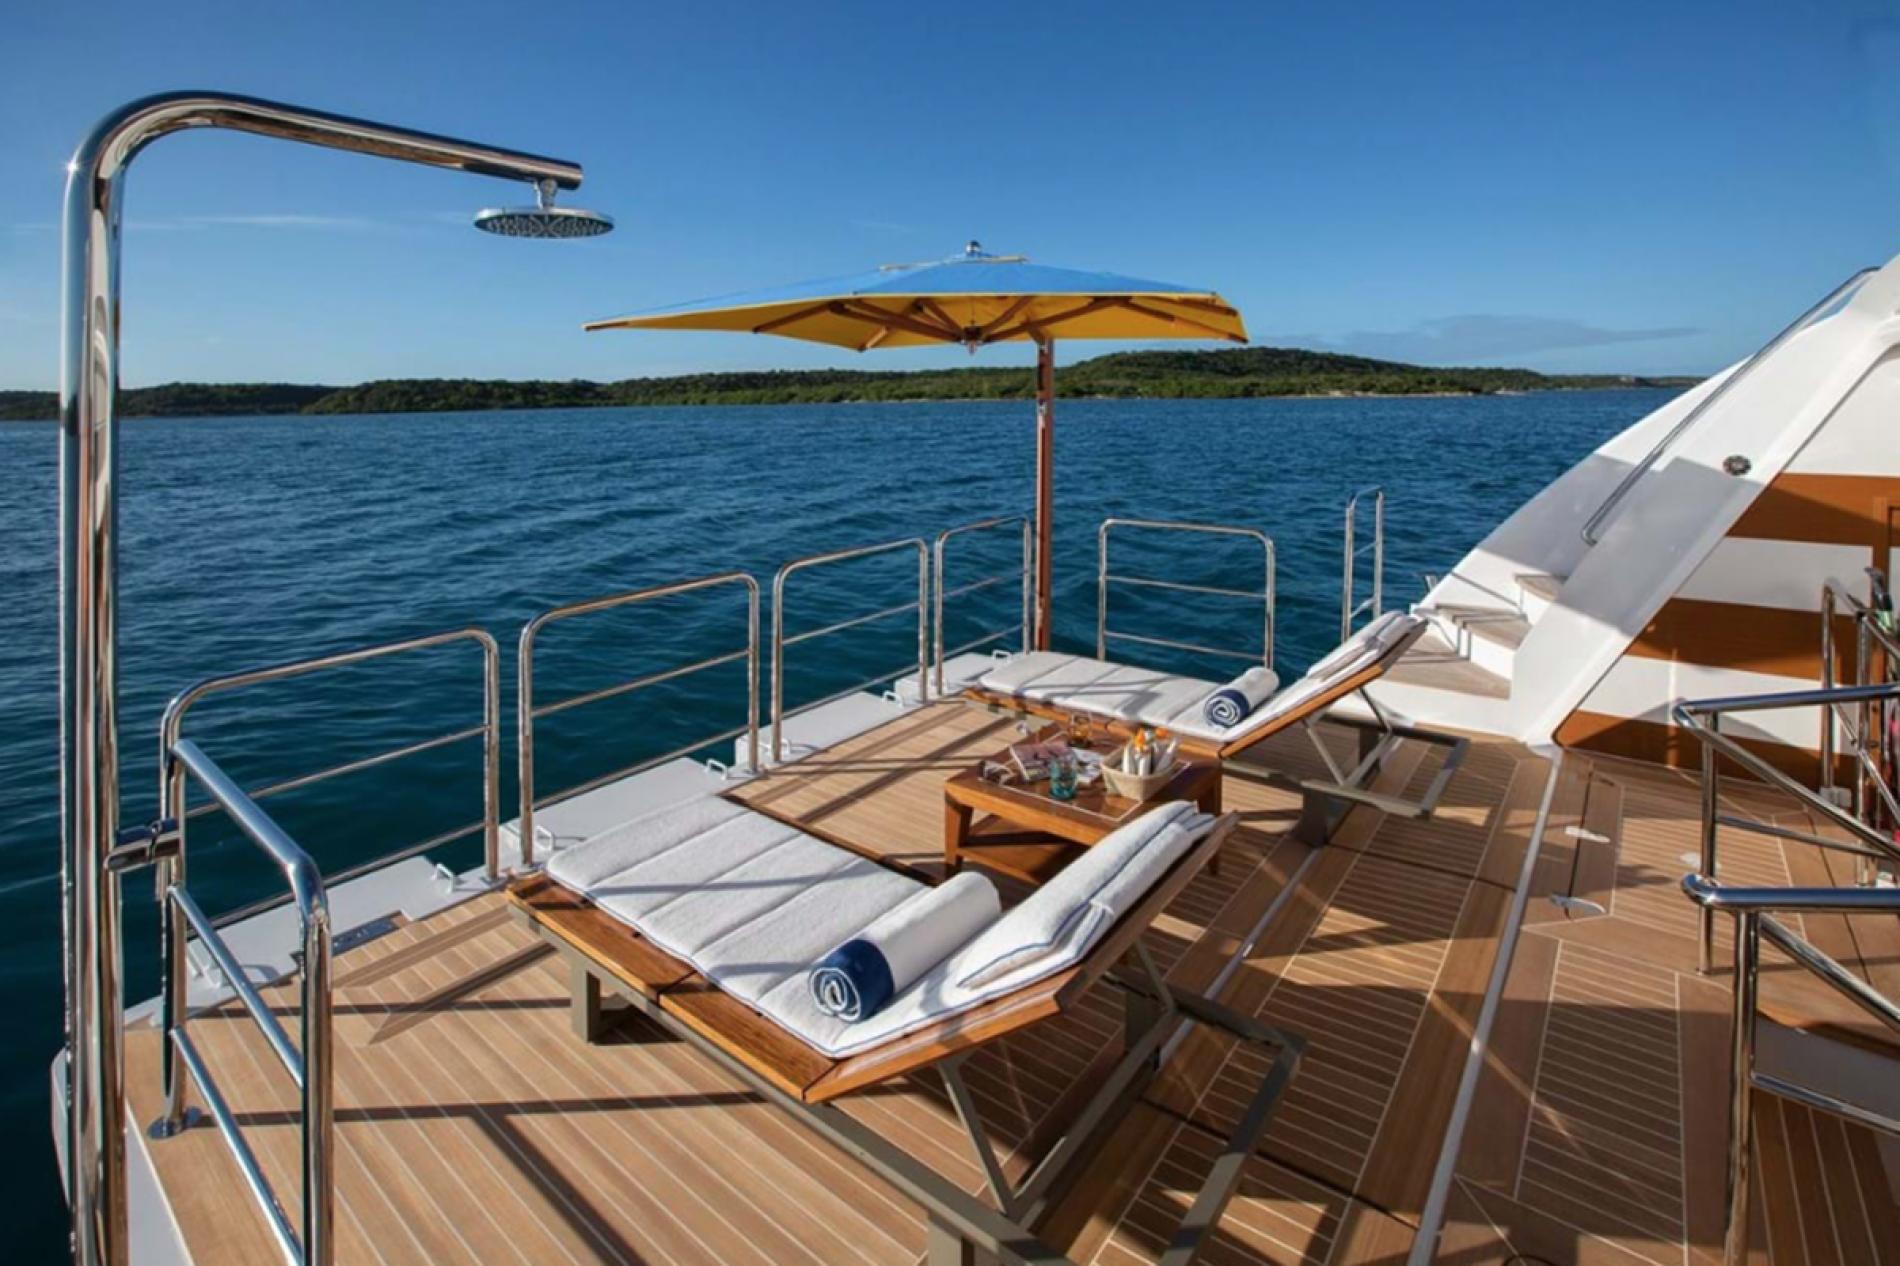 SKYLER - Luxury Motor Yacht For Charter - Exterior Design - Img 1 | C&N